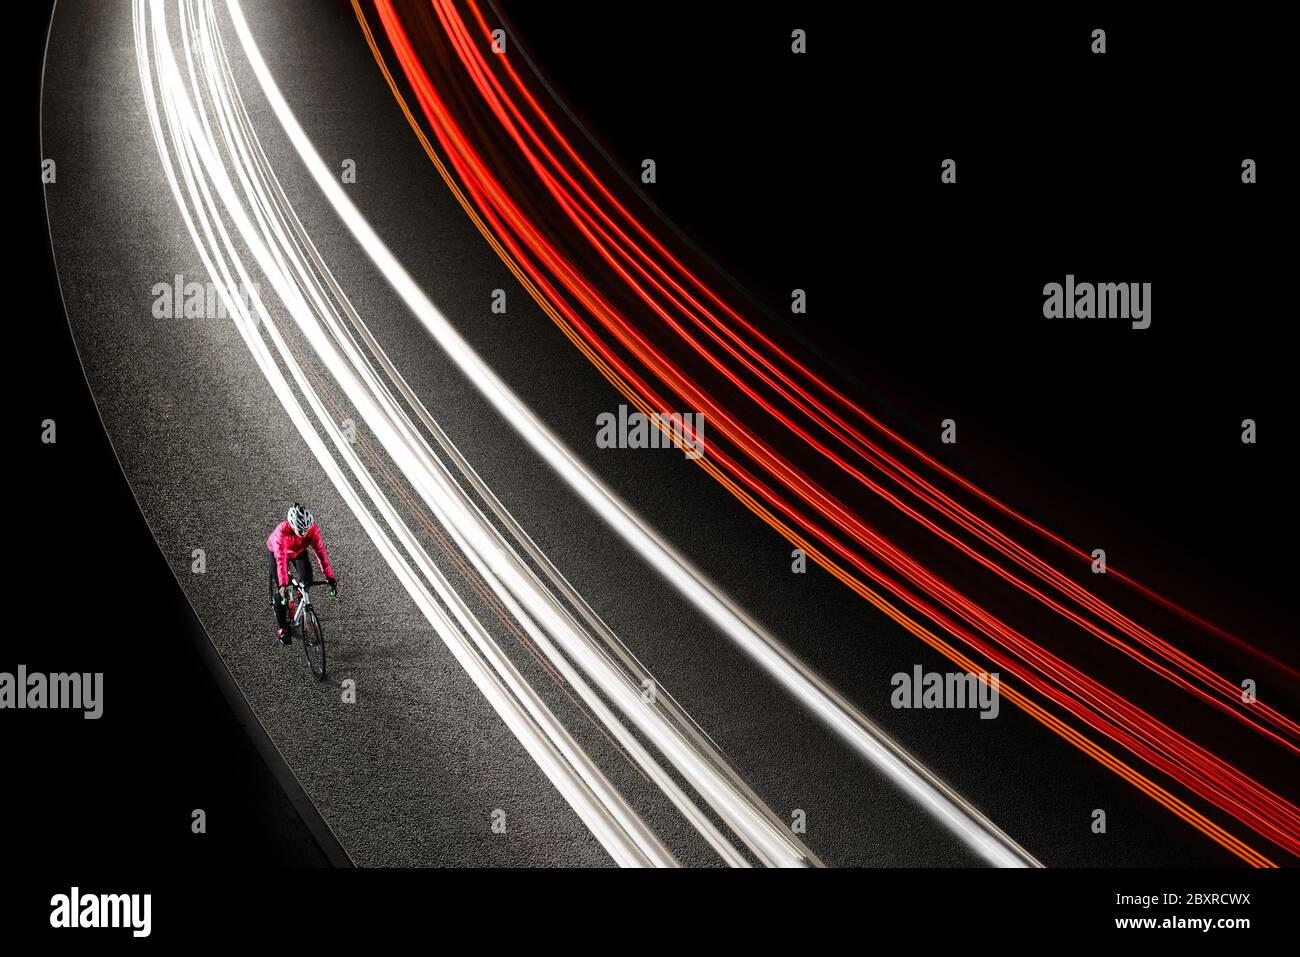 Femme cycliste en blouson rose vif à vélo sur la route de nuit avec des pistes de lumière de voitures. Concept de mode de vie sain et de sport actif urbain. Banque D'Images